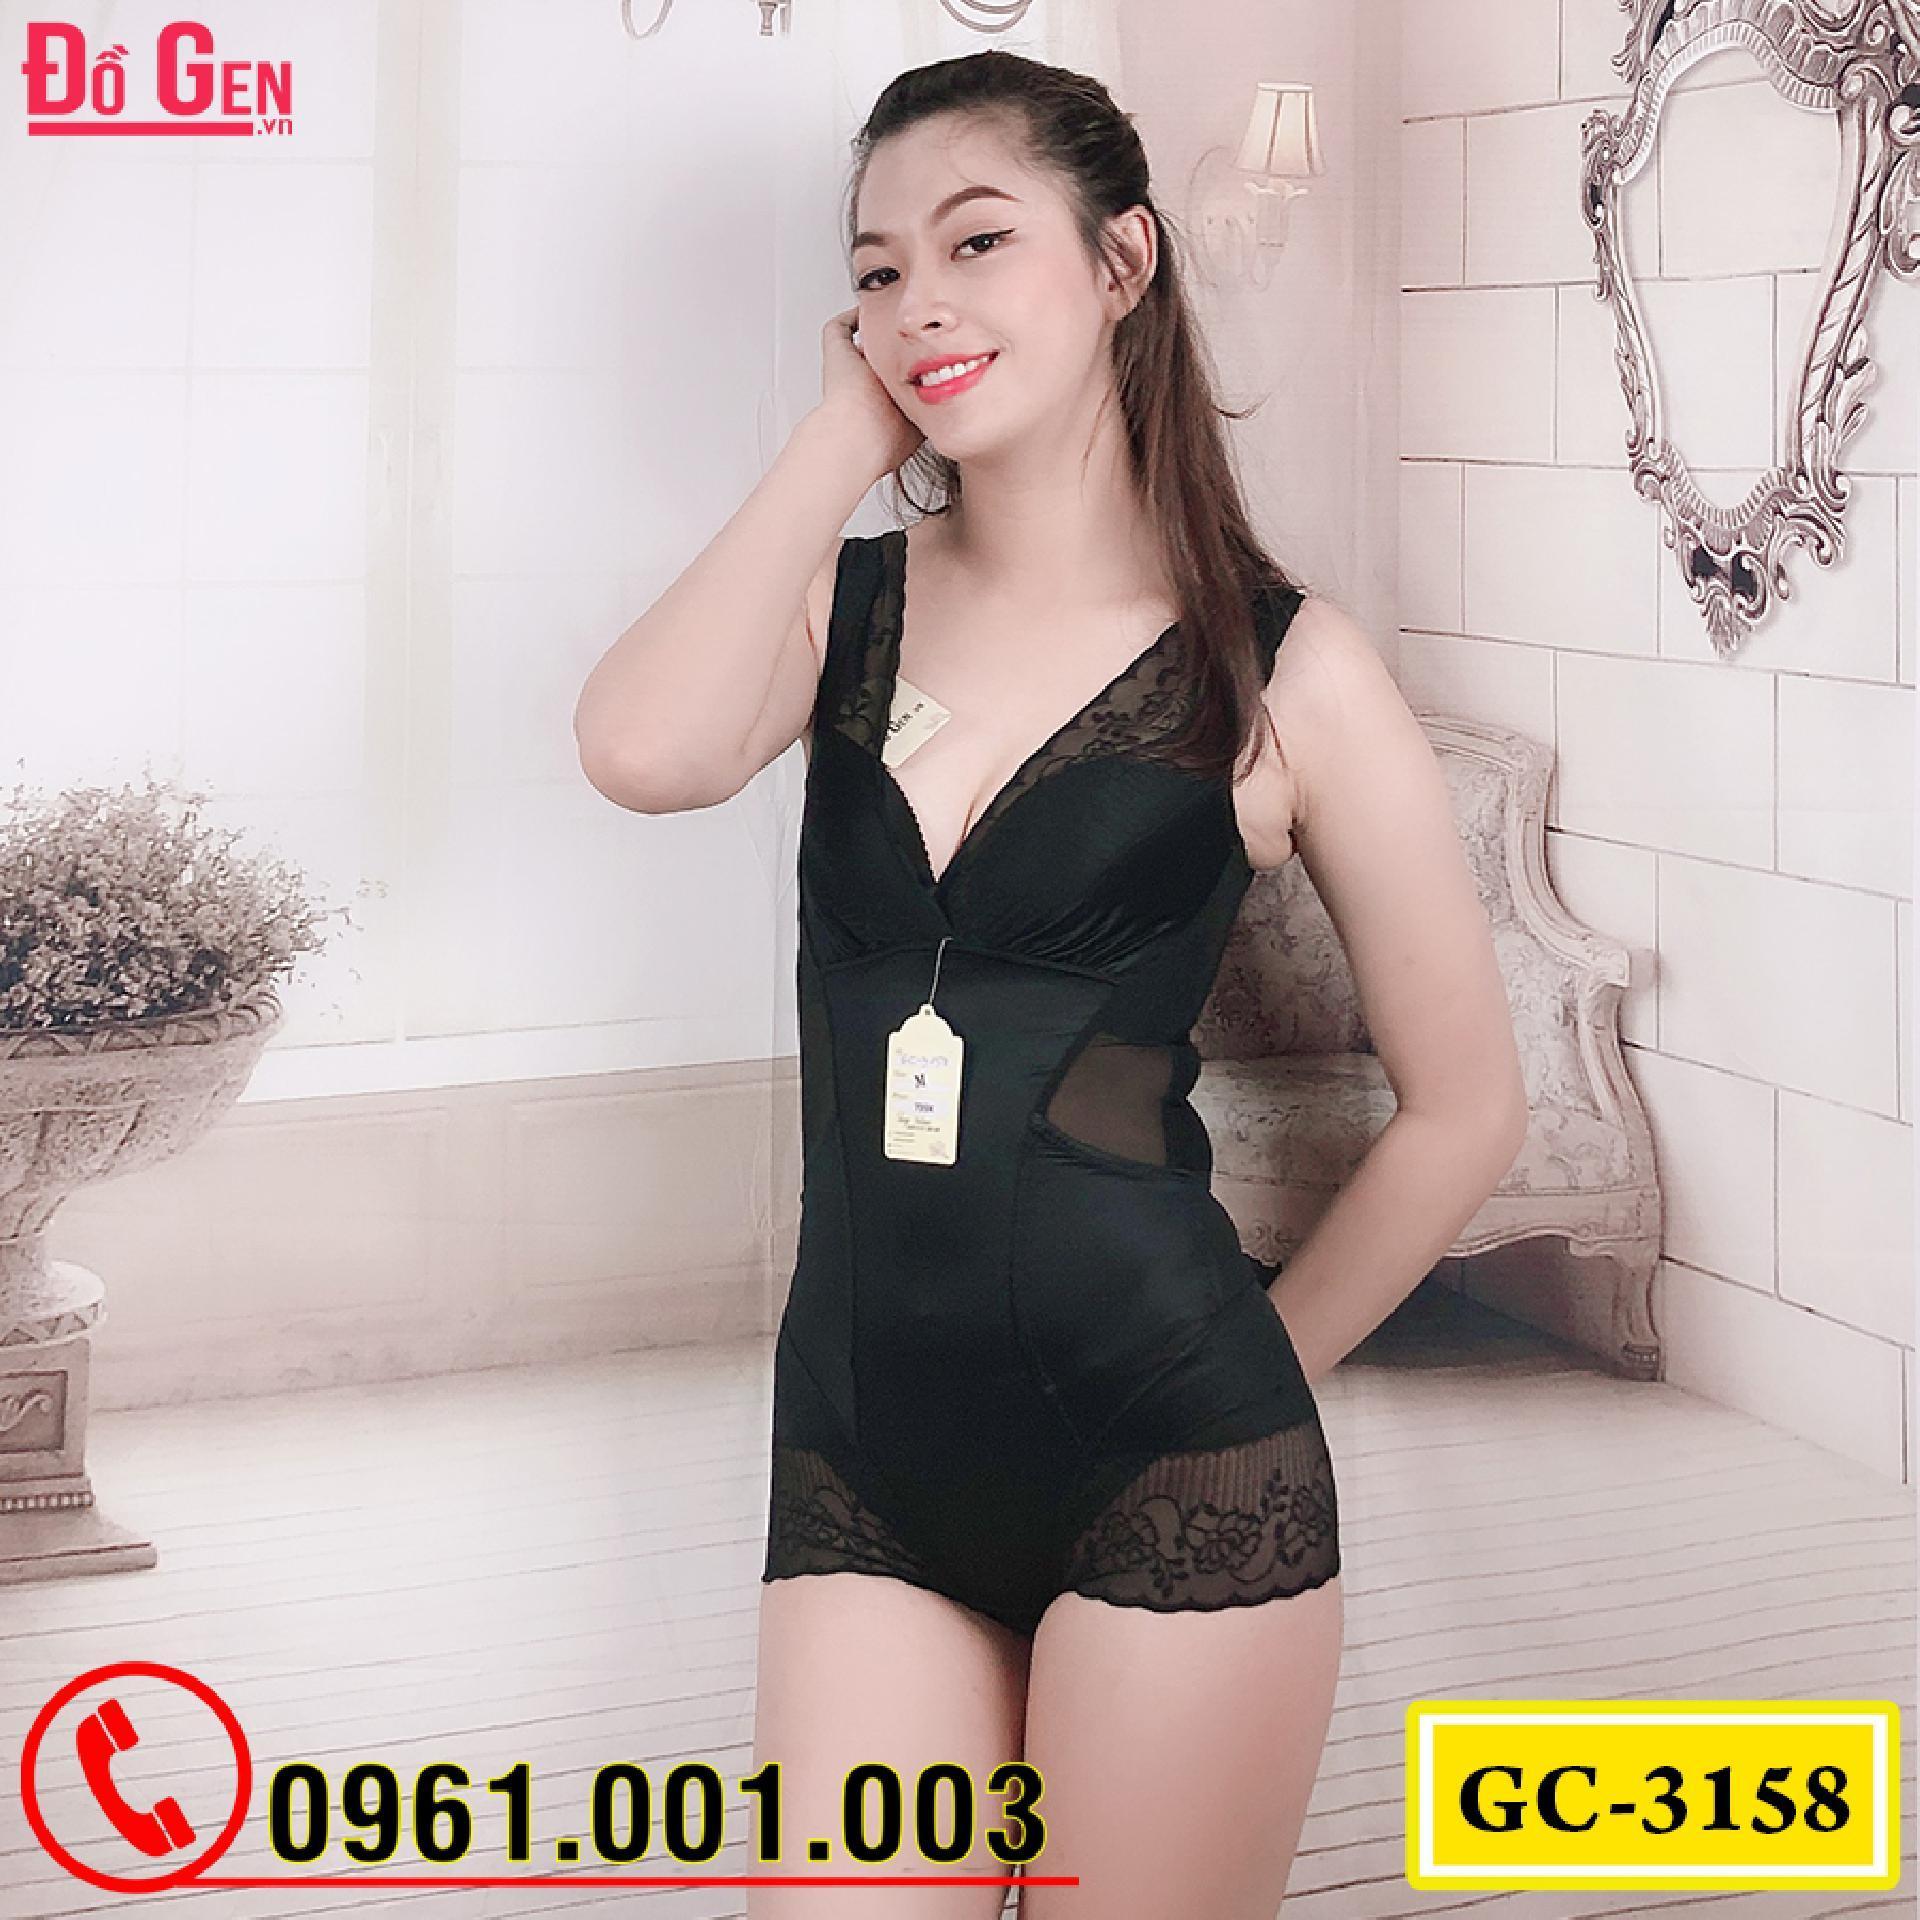 Đồ Lót Định Hình - Quần Áo Gen Định Hình Bikini Liền Thân Cao Cấp (Cod: GC-3158)